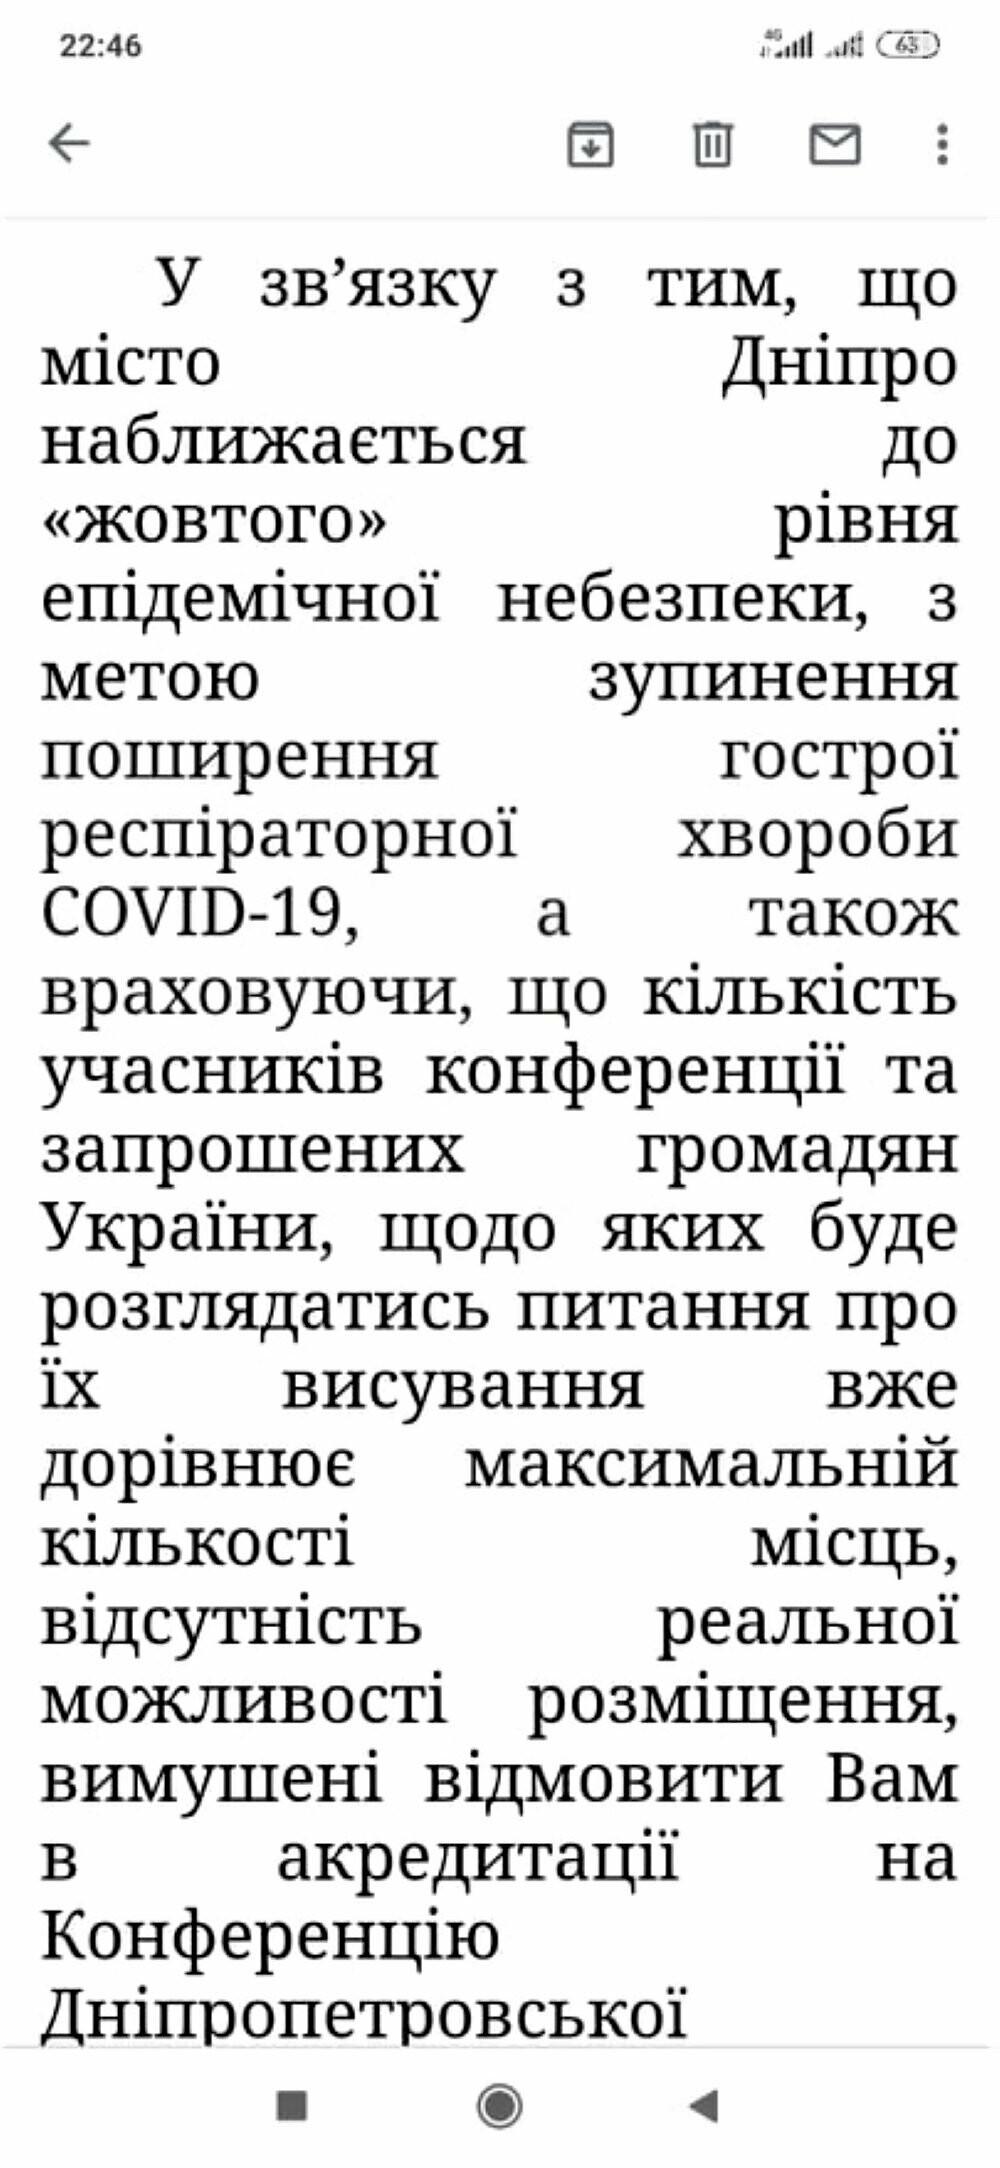 """Наблюдателей от ГС """"ОПОРА"""" не допустили на партконференции в Днепре, а в Кривом Роге пустили, фото-3"""